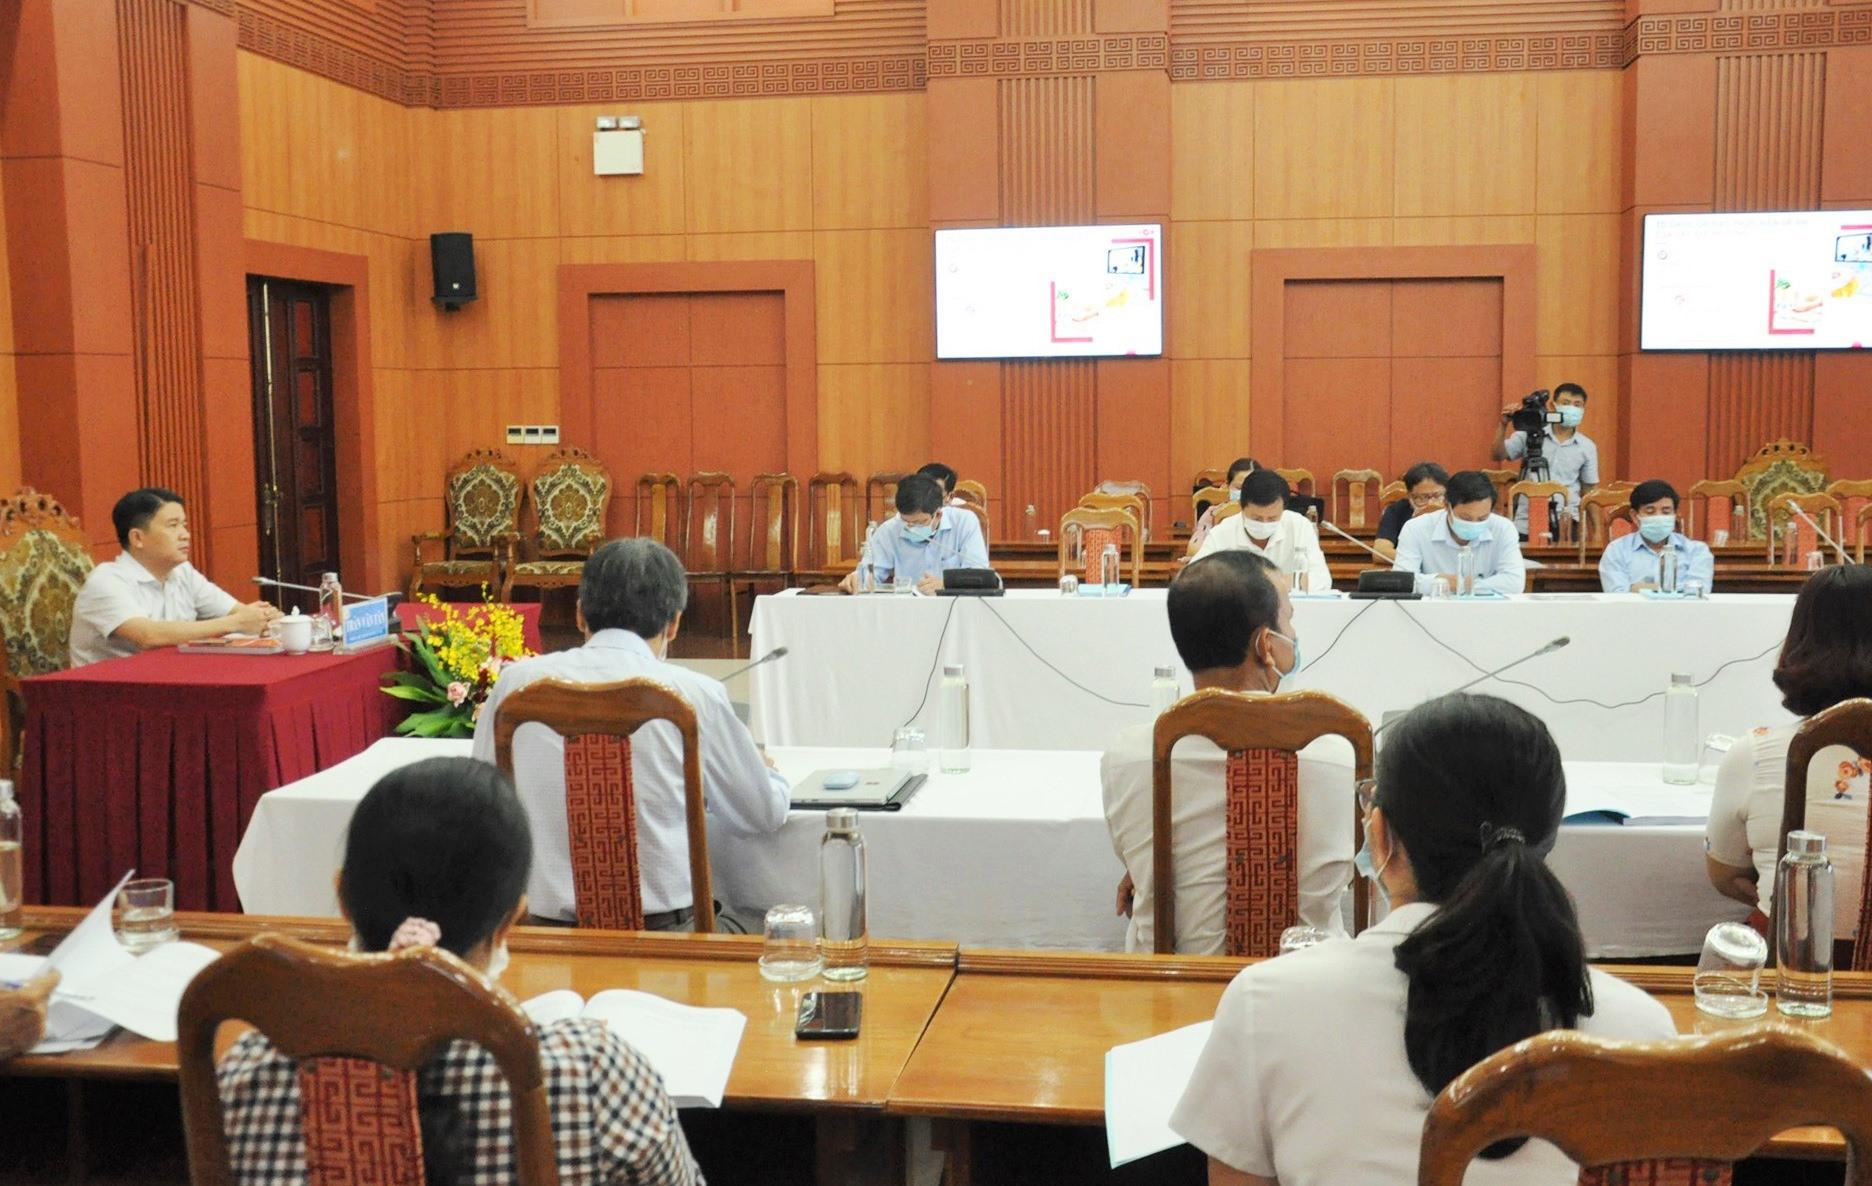 Đầu cầu Quảng Nam tại hội nghị toàn quốc trực tuyến tổng kết đề án xã hội học tập. Ảnh: X.P